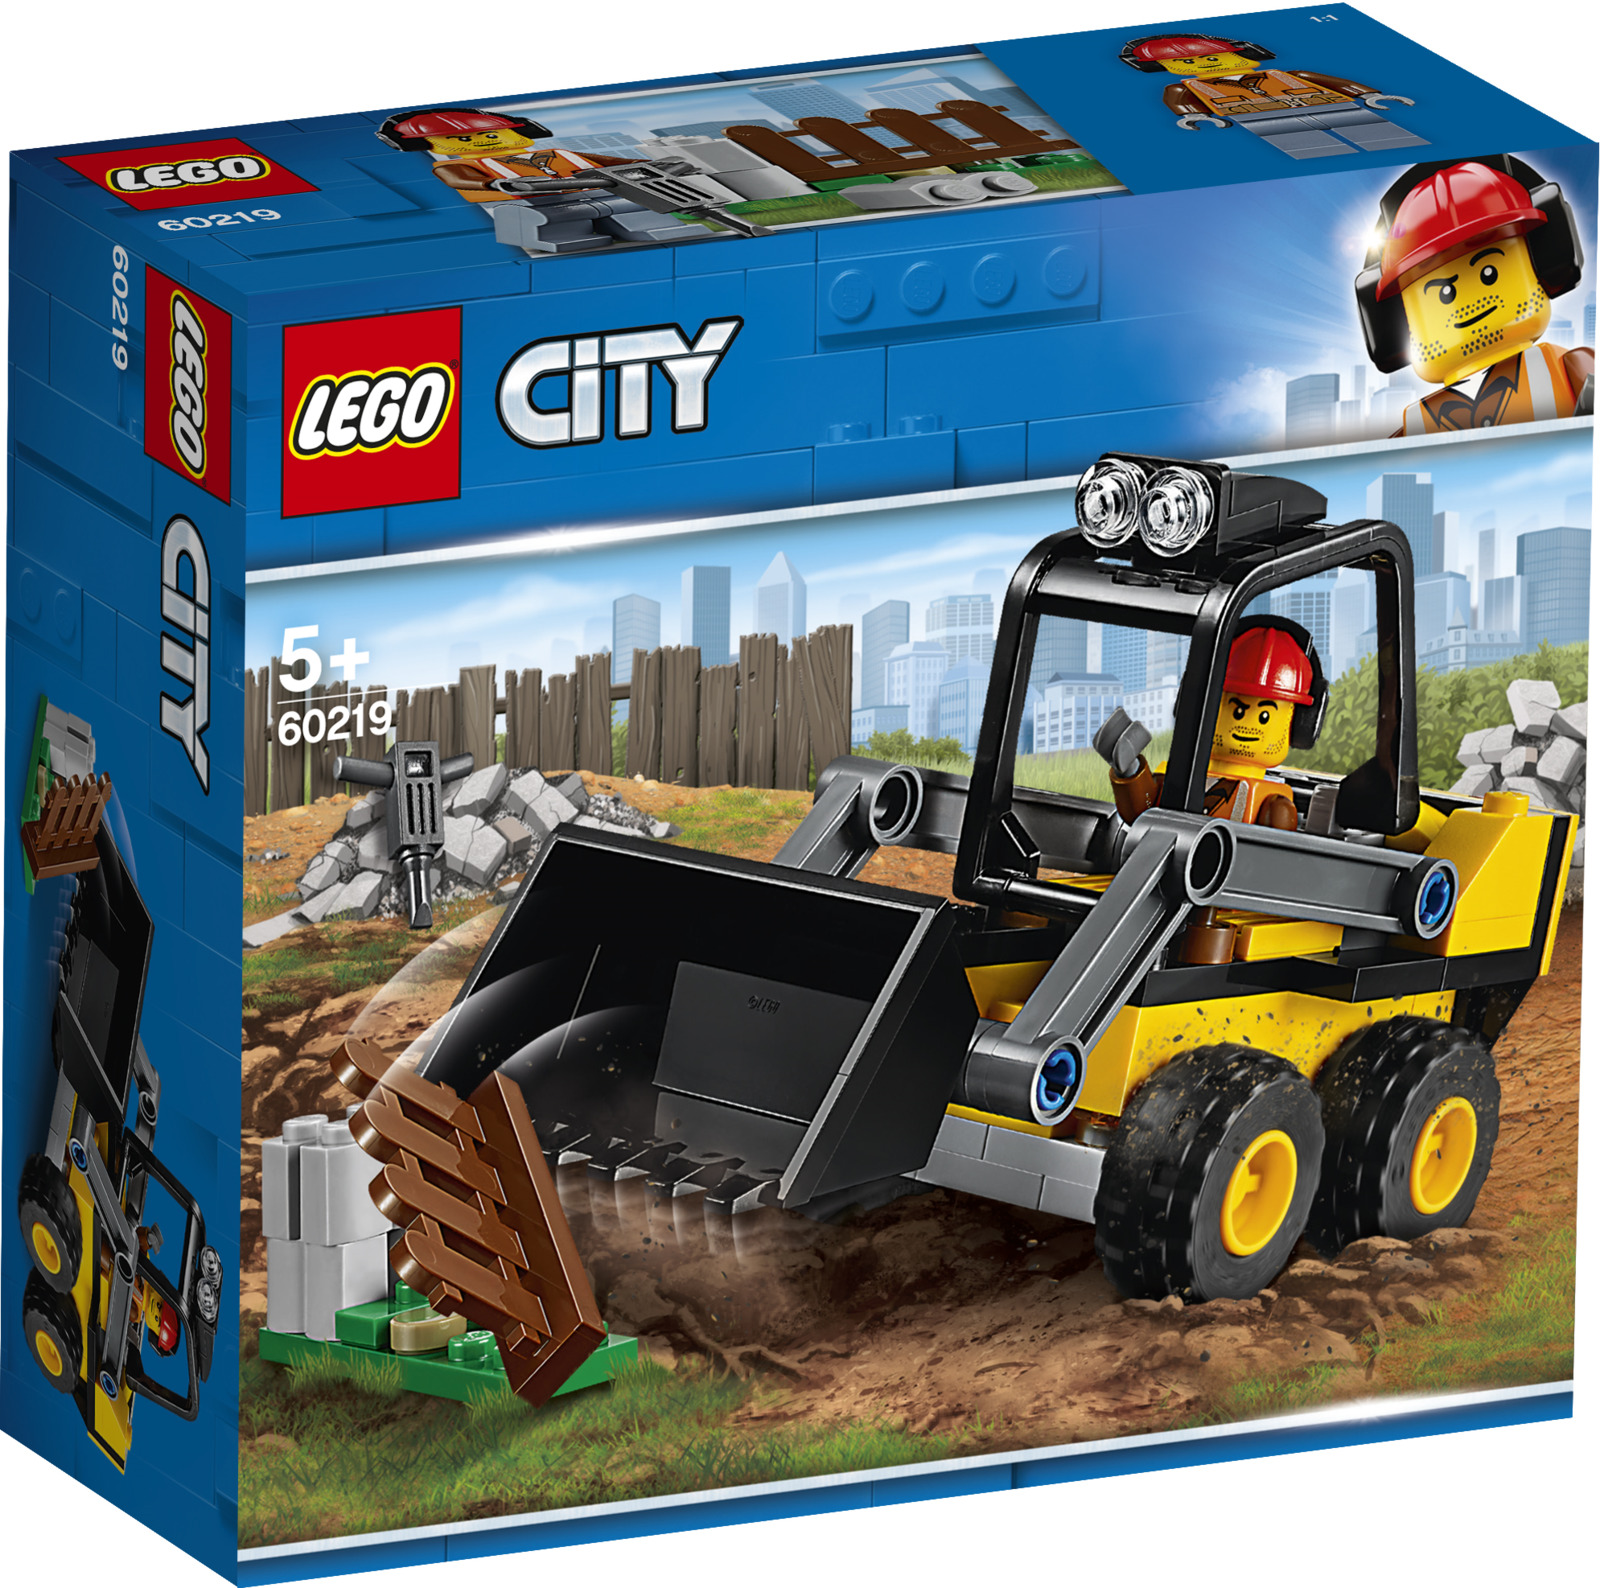 LEGO City Great Vehicles 60219 Строительный погрузчик Конструктор атолл золотой пирсинг nd7067